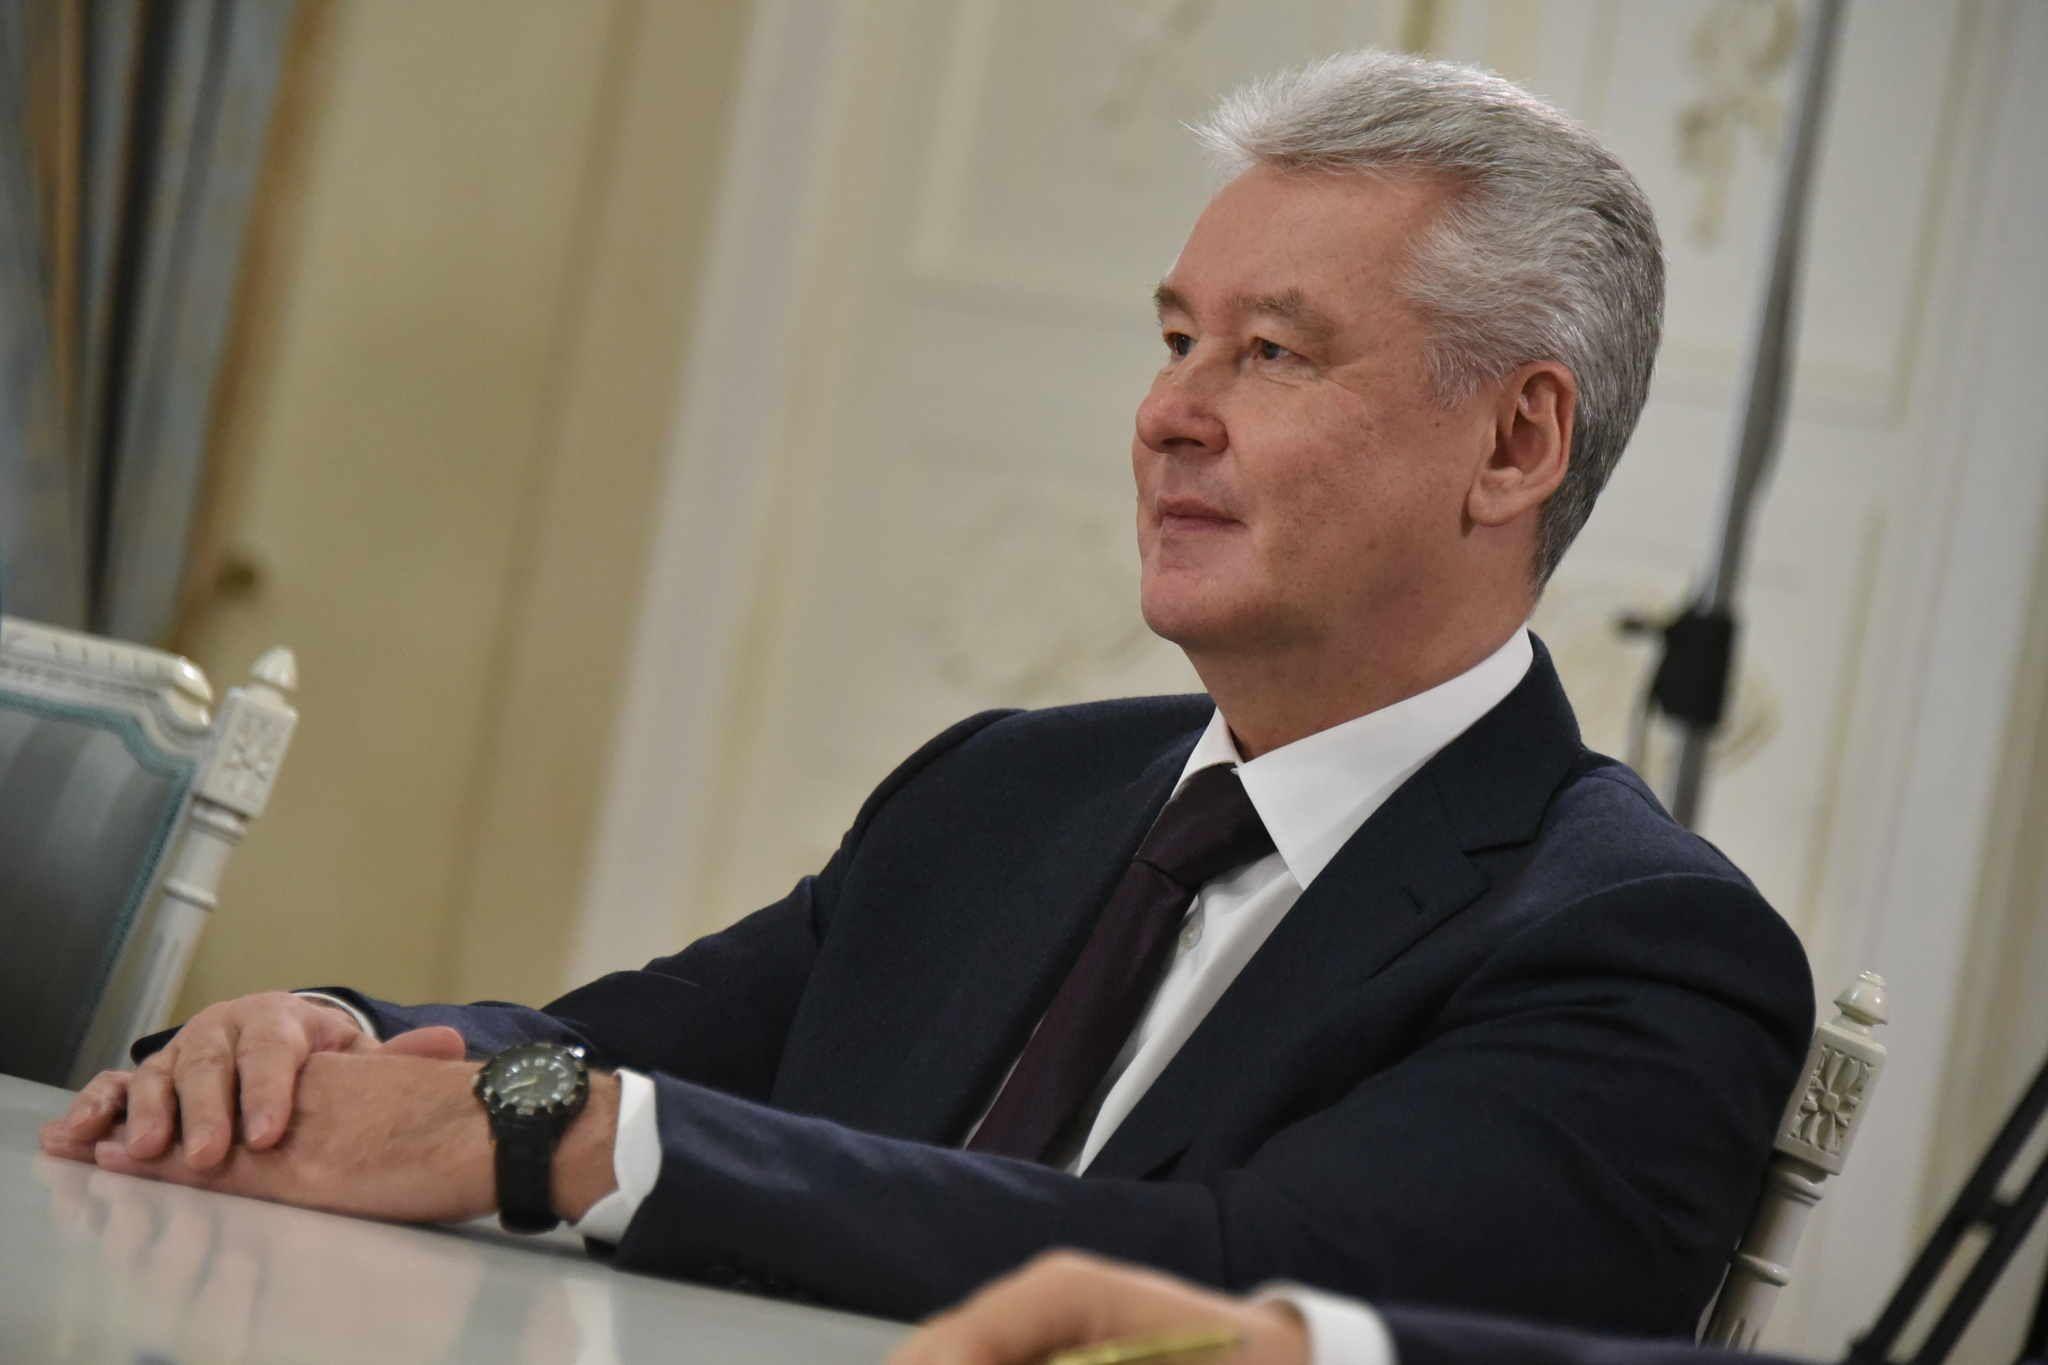 Сергей Собянин дал год на обновление подвижного состава МЦД